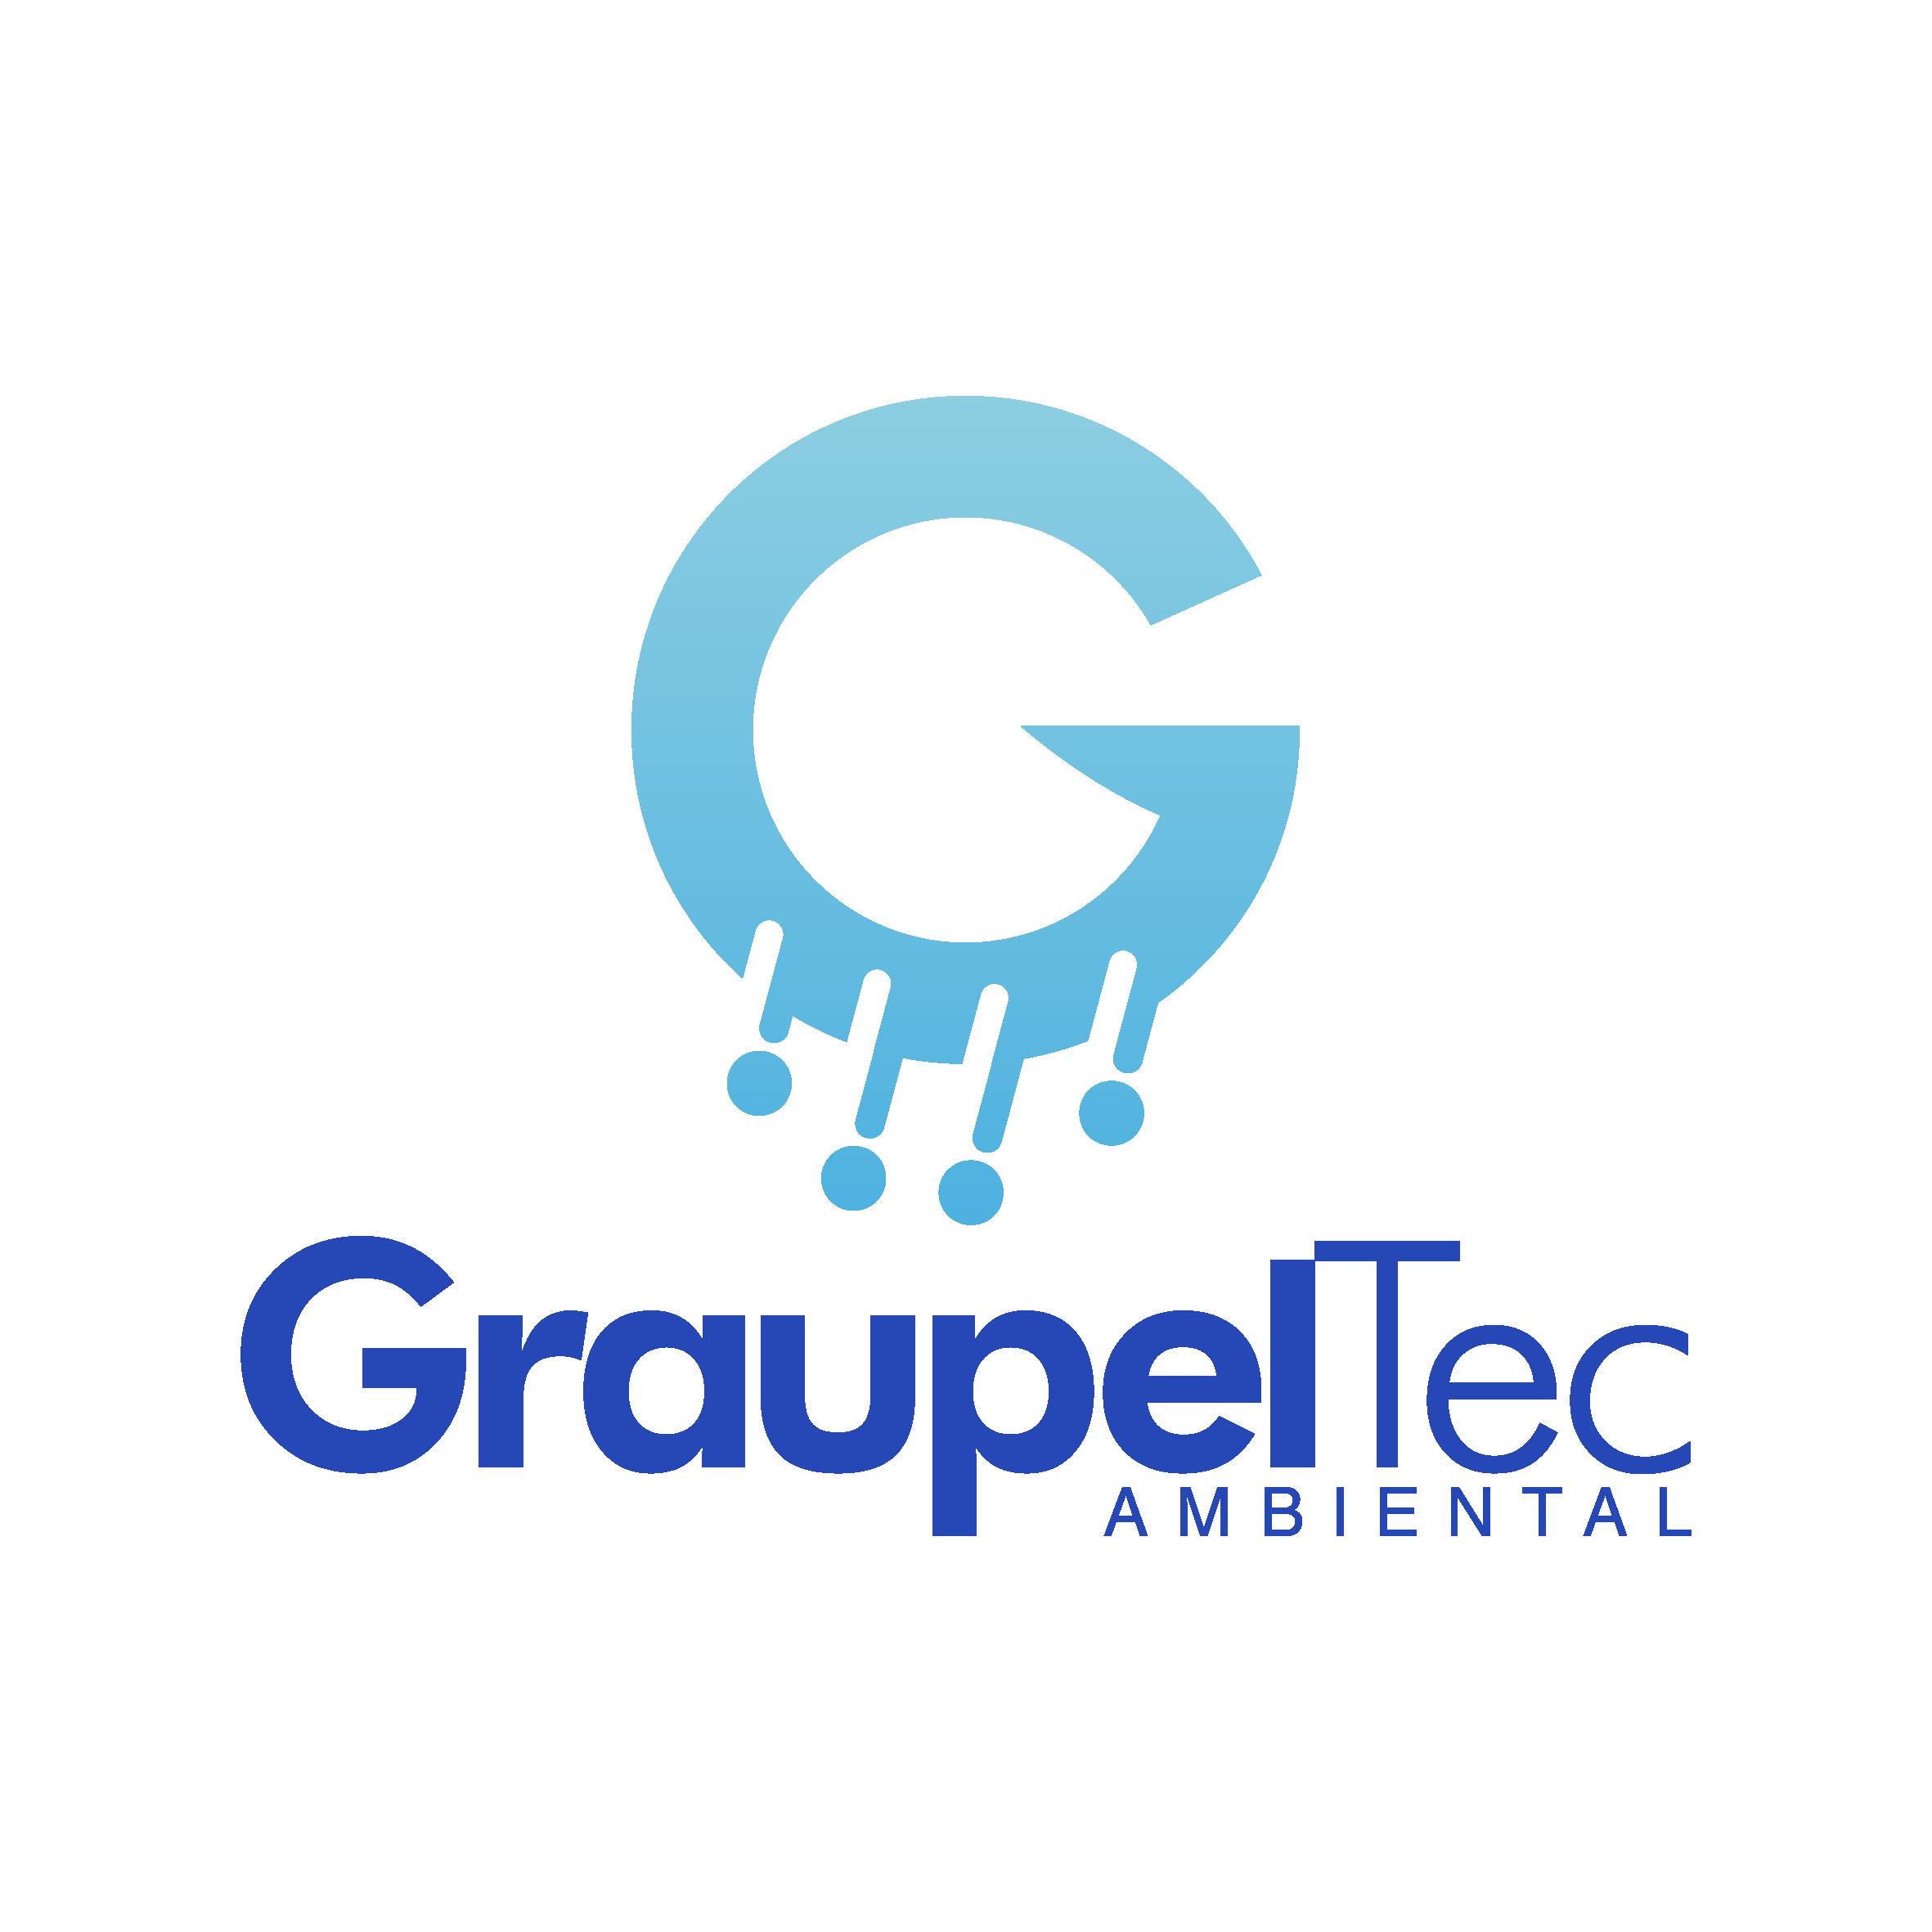 GraupelTec Ambiental, partner tecnológico y de instrumentación en Redmeteo.cl